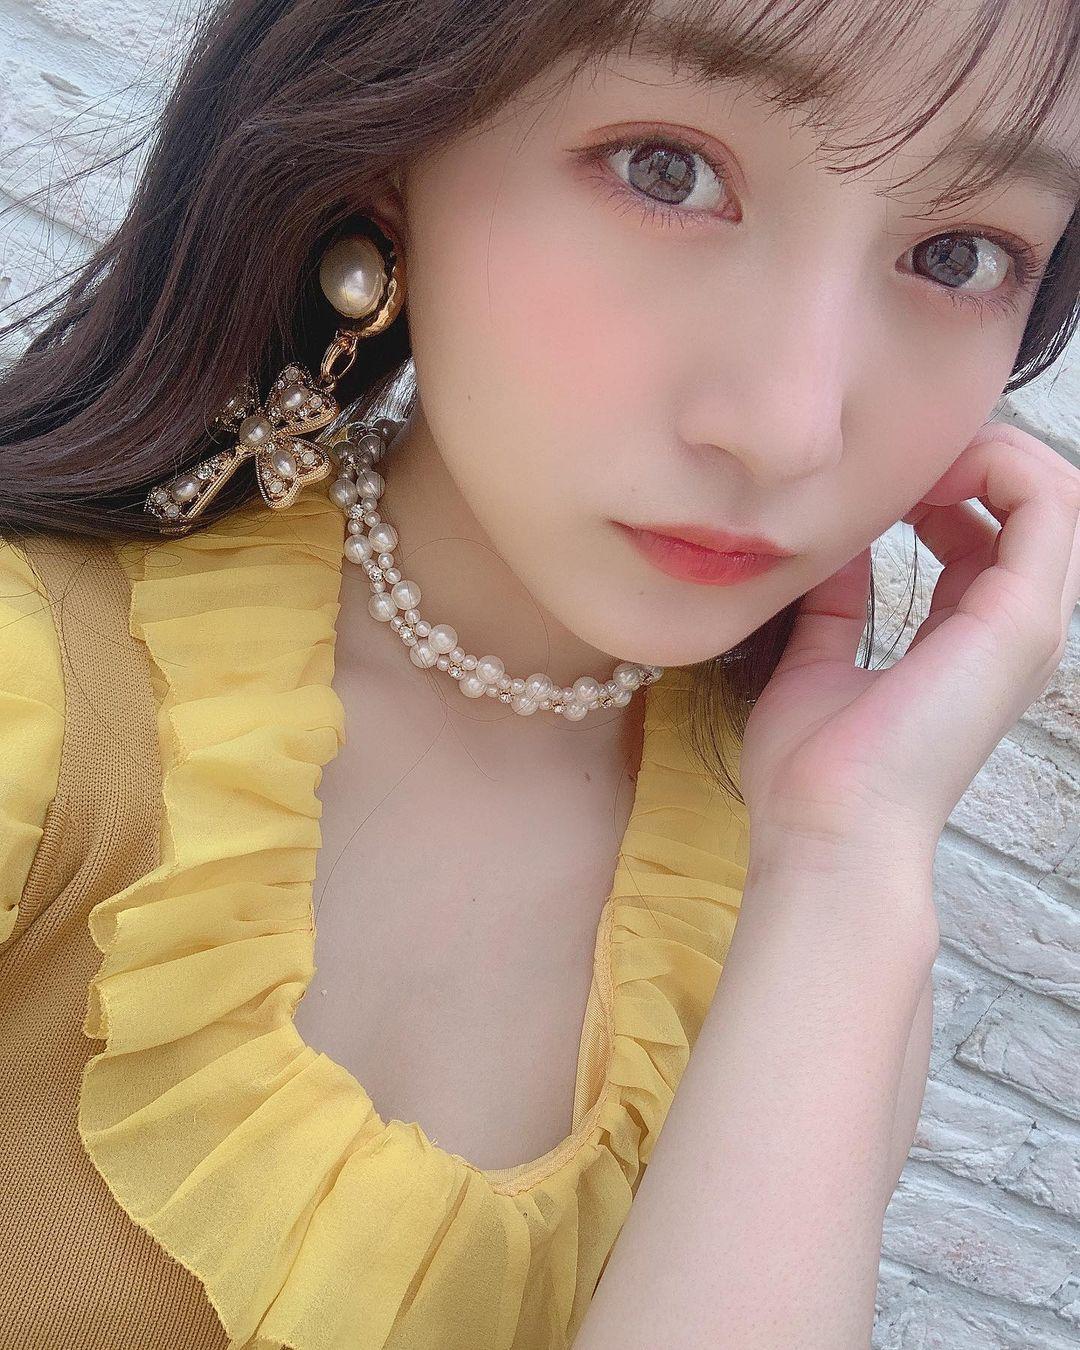 NMB48次世代王牌山本彩加引退转当护理师超暖原因让人更爱她了 网络美女 第19张